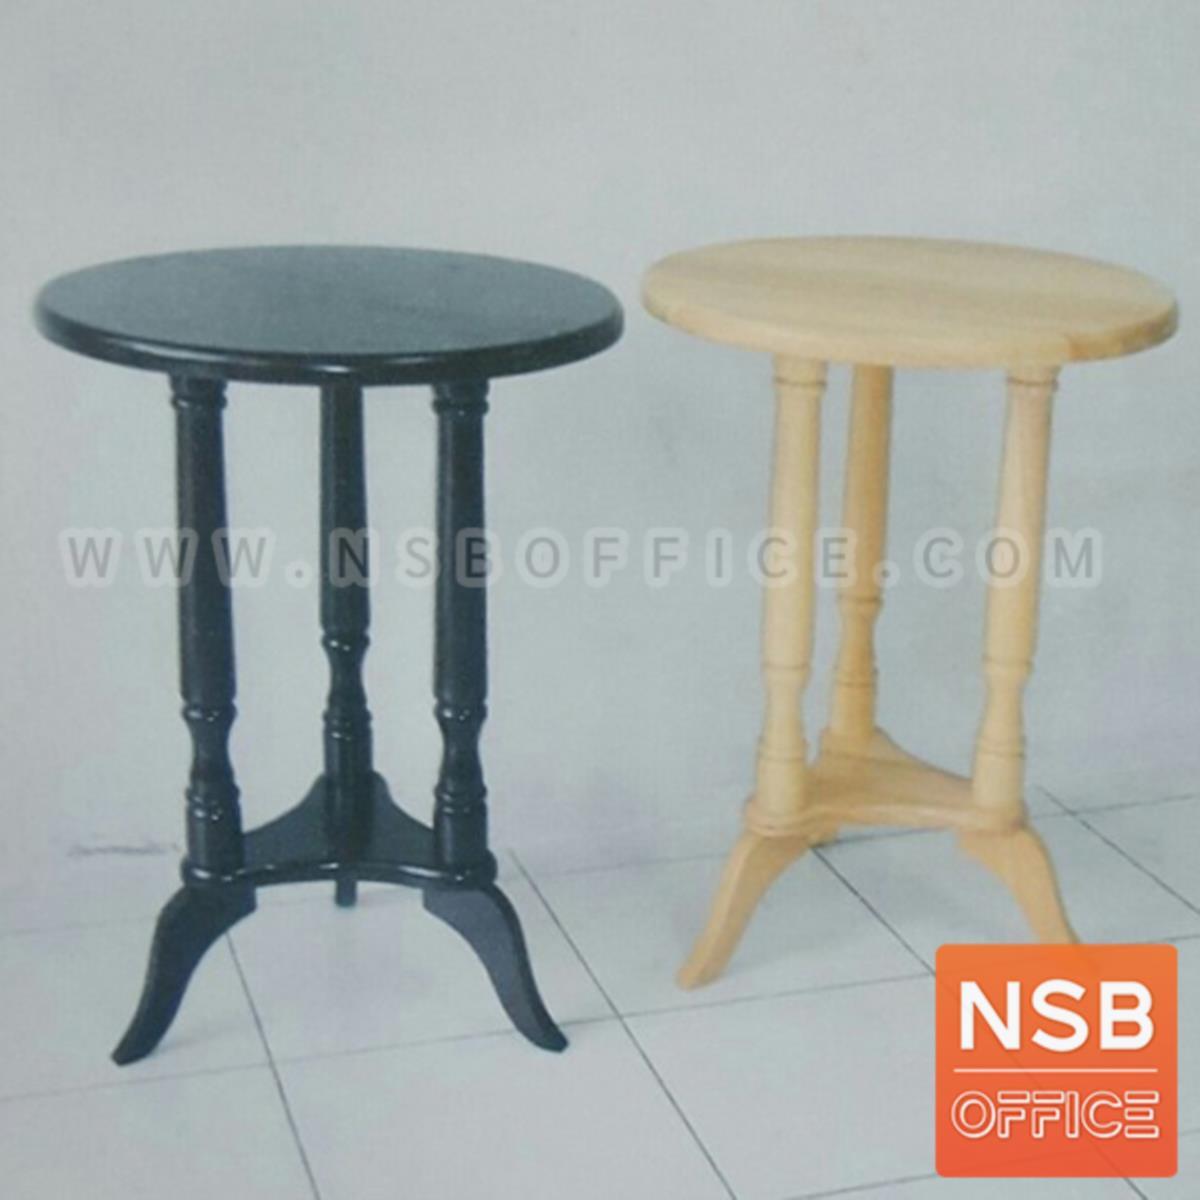 G20A012:โต๊ะกลางไม้ยางพารา รุ่น Charli (ชาร์ลี่)  ขนาด 45 cm.